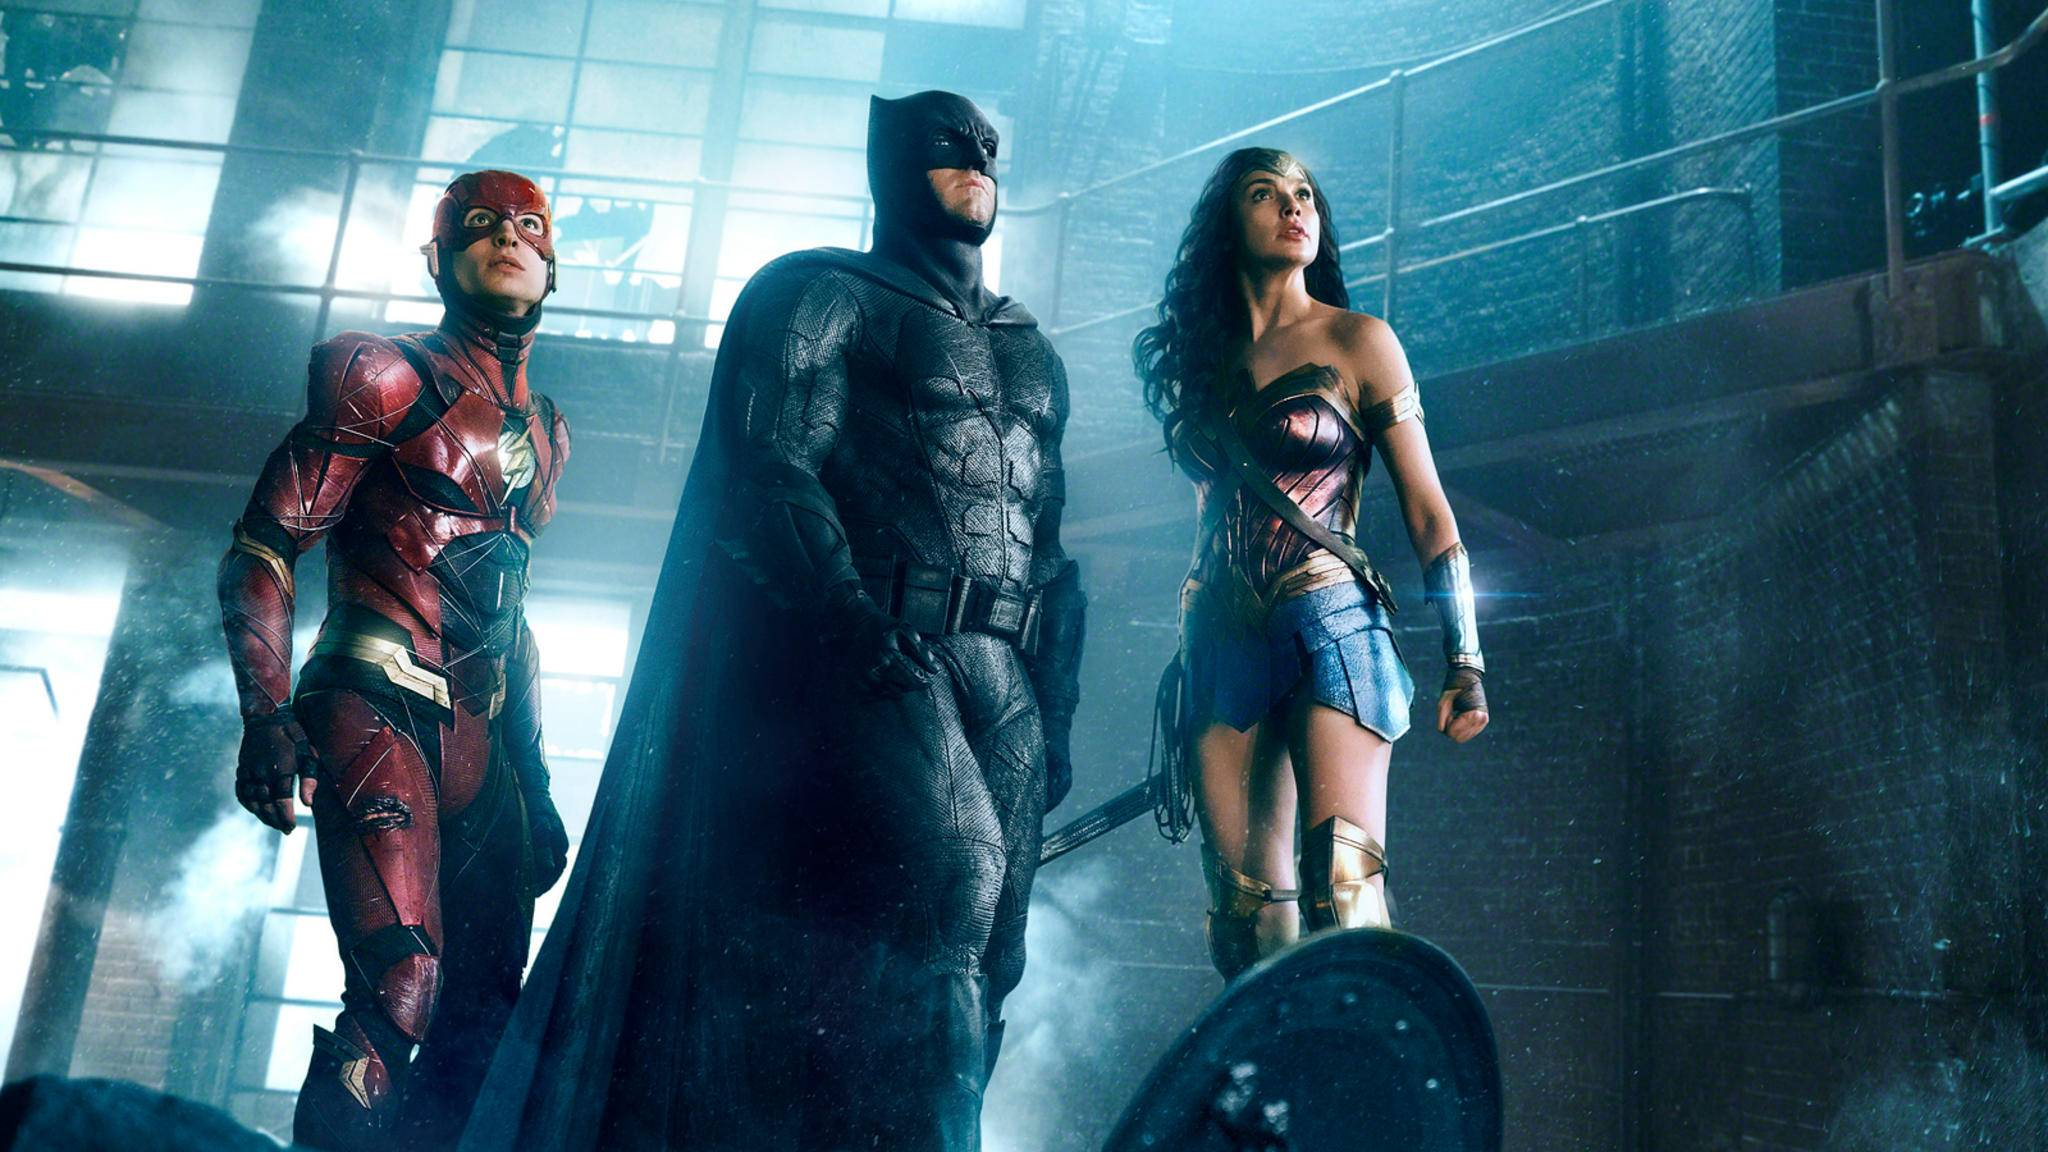 """Im Winter 2017 startet DC seine Superhelden-Offensive mit """"Justice League""""."""